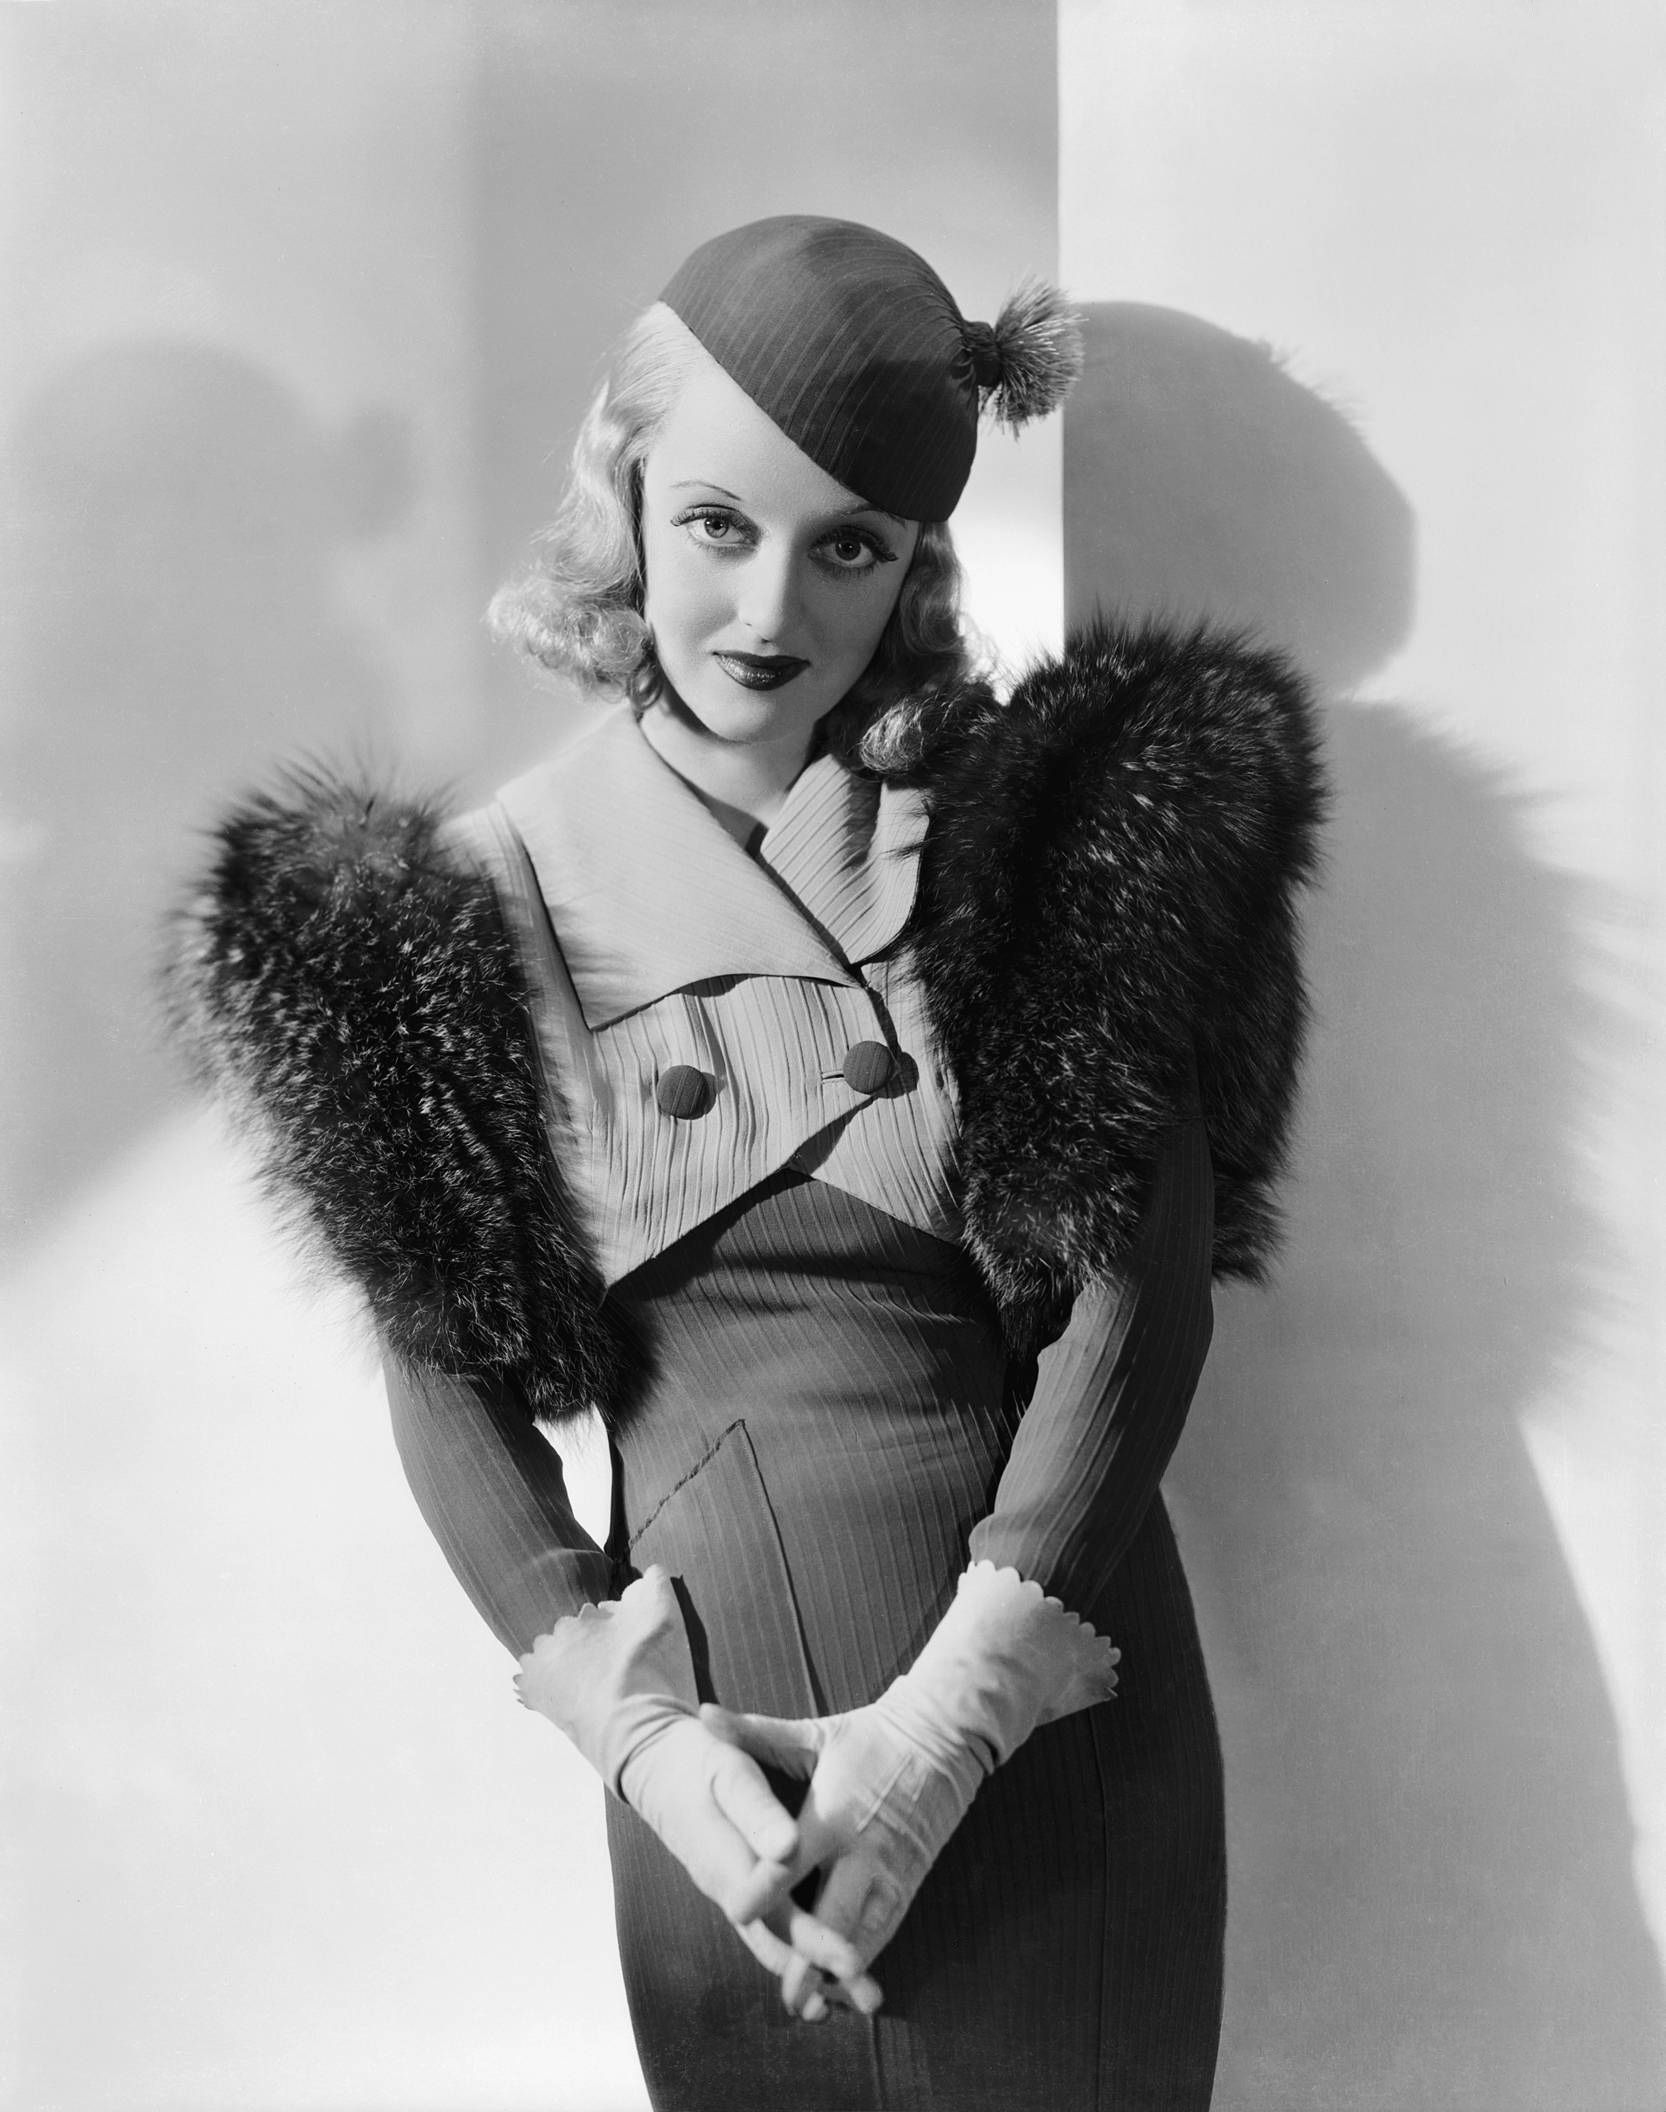 Those 1930's fashions!